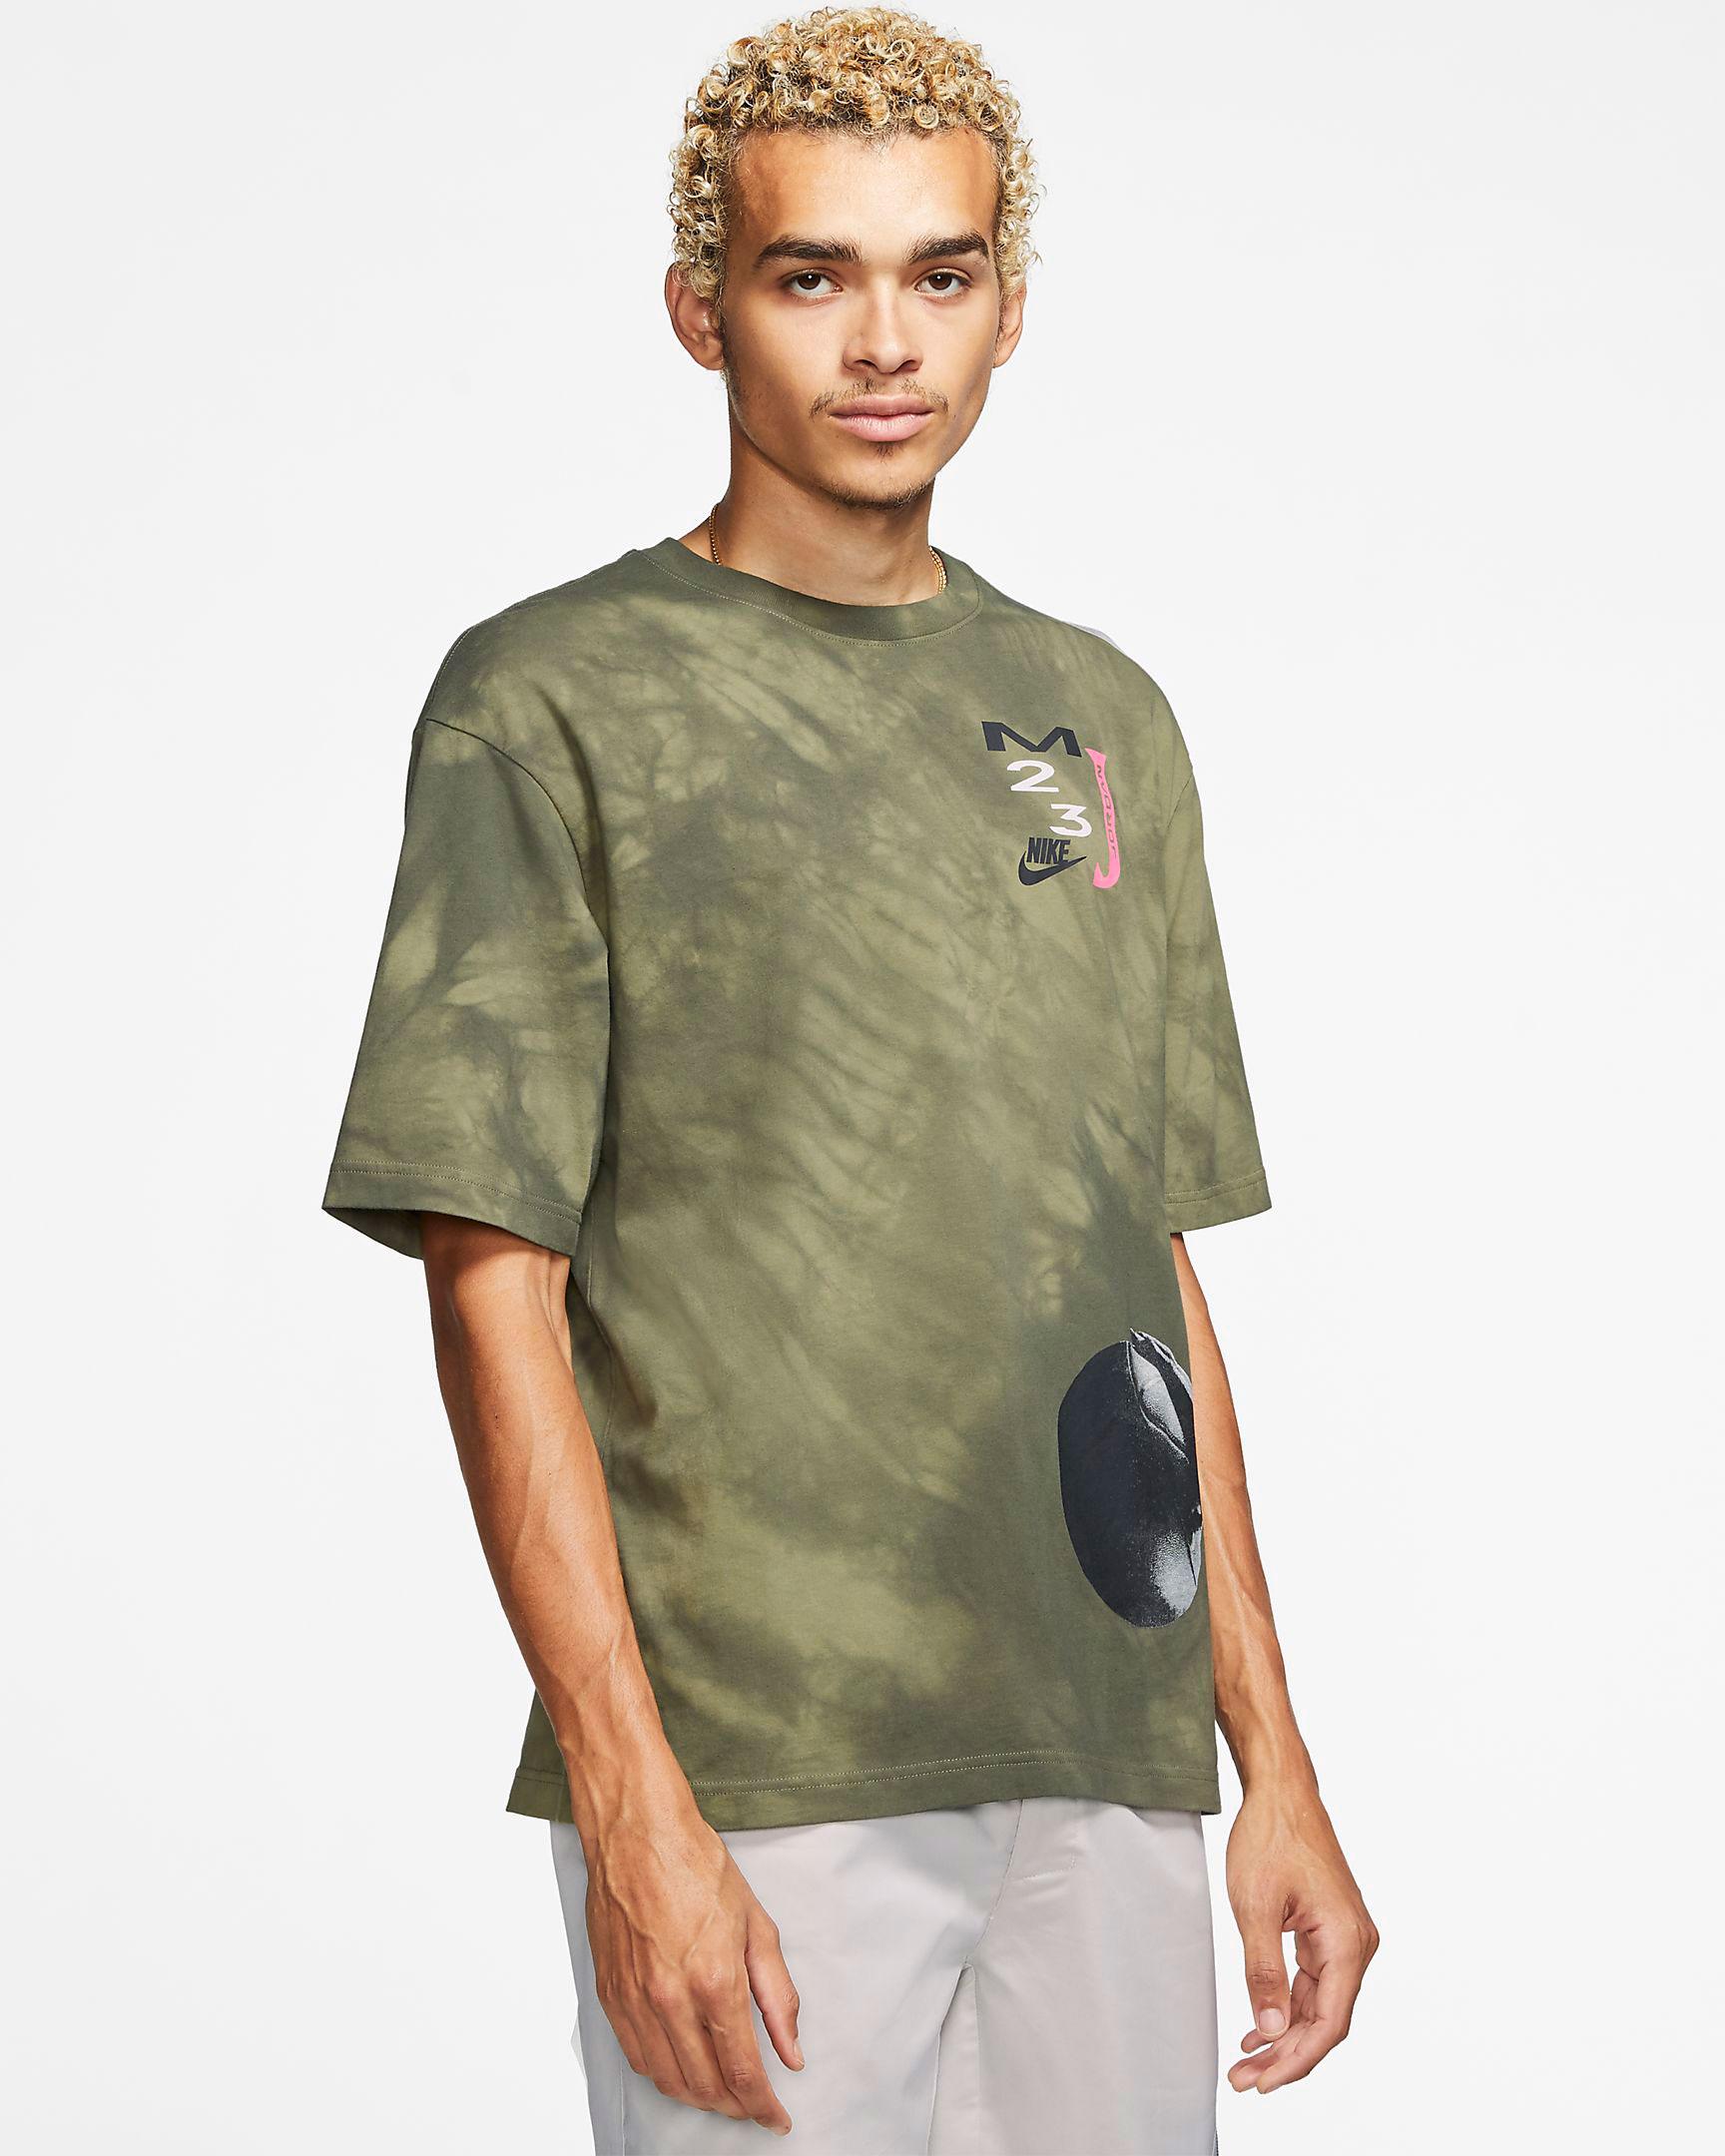 jordan-remastered-vintage-shirt-green-pink-1